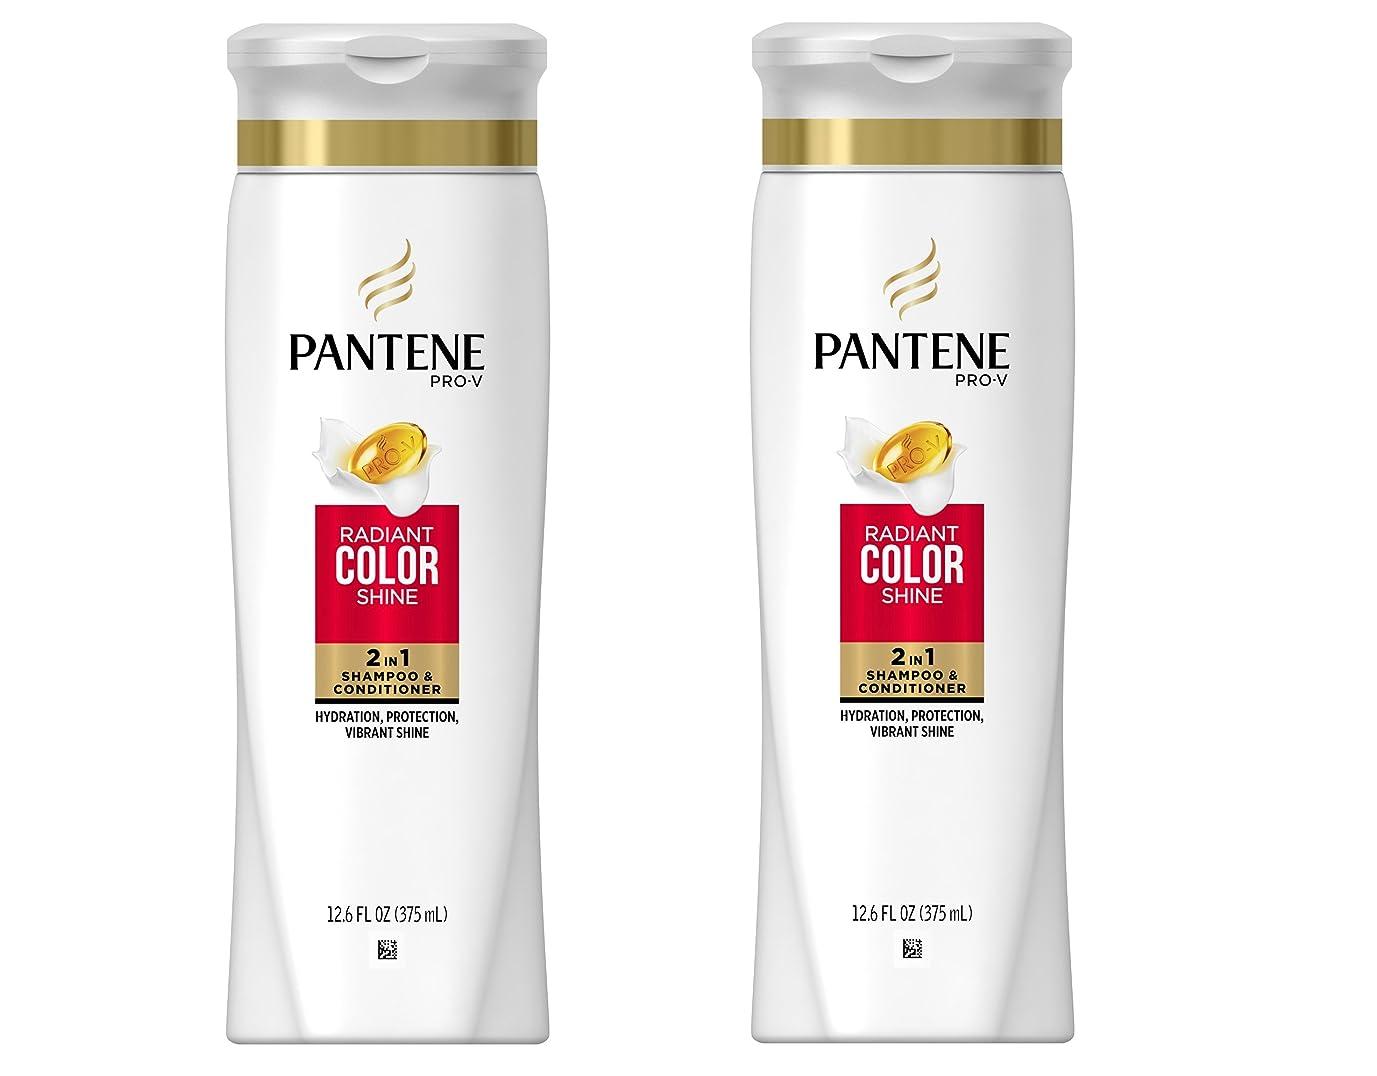 知人割合シェルターPantene プロVラディアン色鮮やかな輝きを放つドリームケアの2in1シャンプー&コンディショナーシャイン12.6オズ(2パック) 12.6オンス(2パック) プロV色リバイバル磨きの2in1シャンプーとコンディショナー